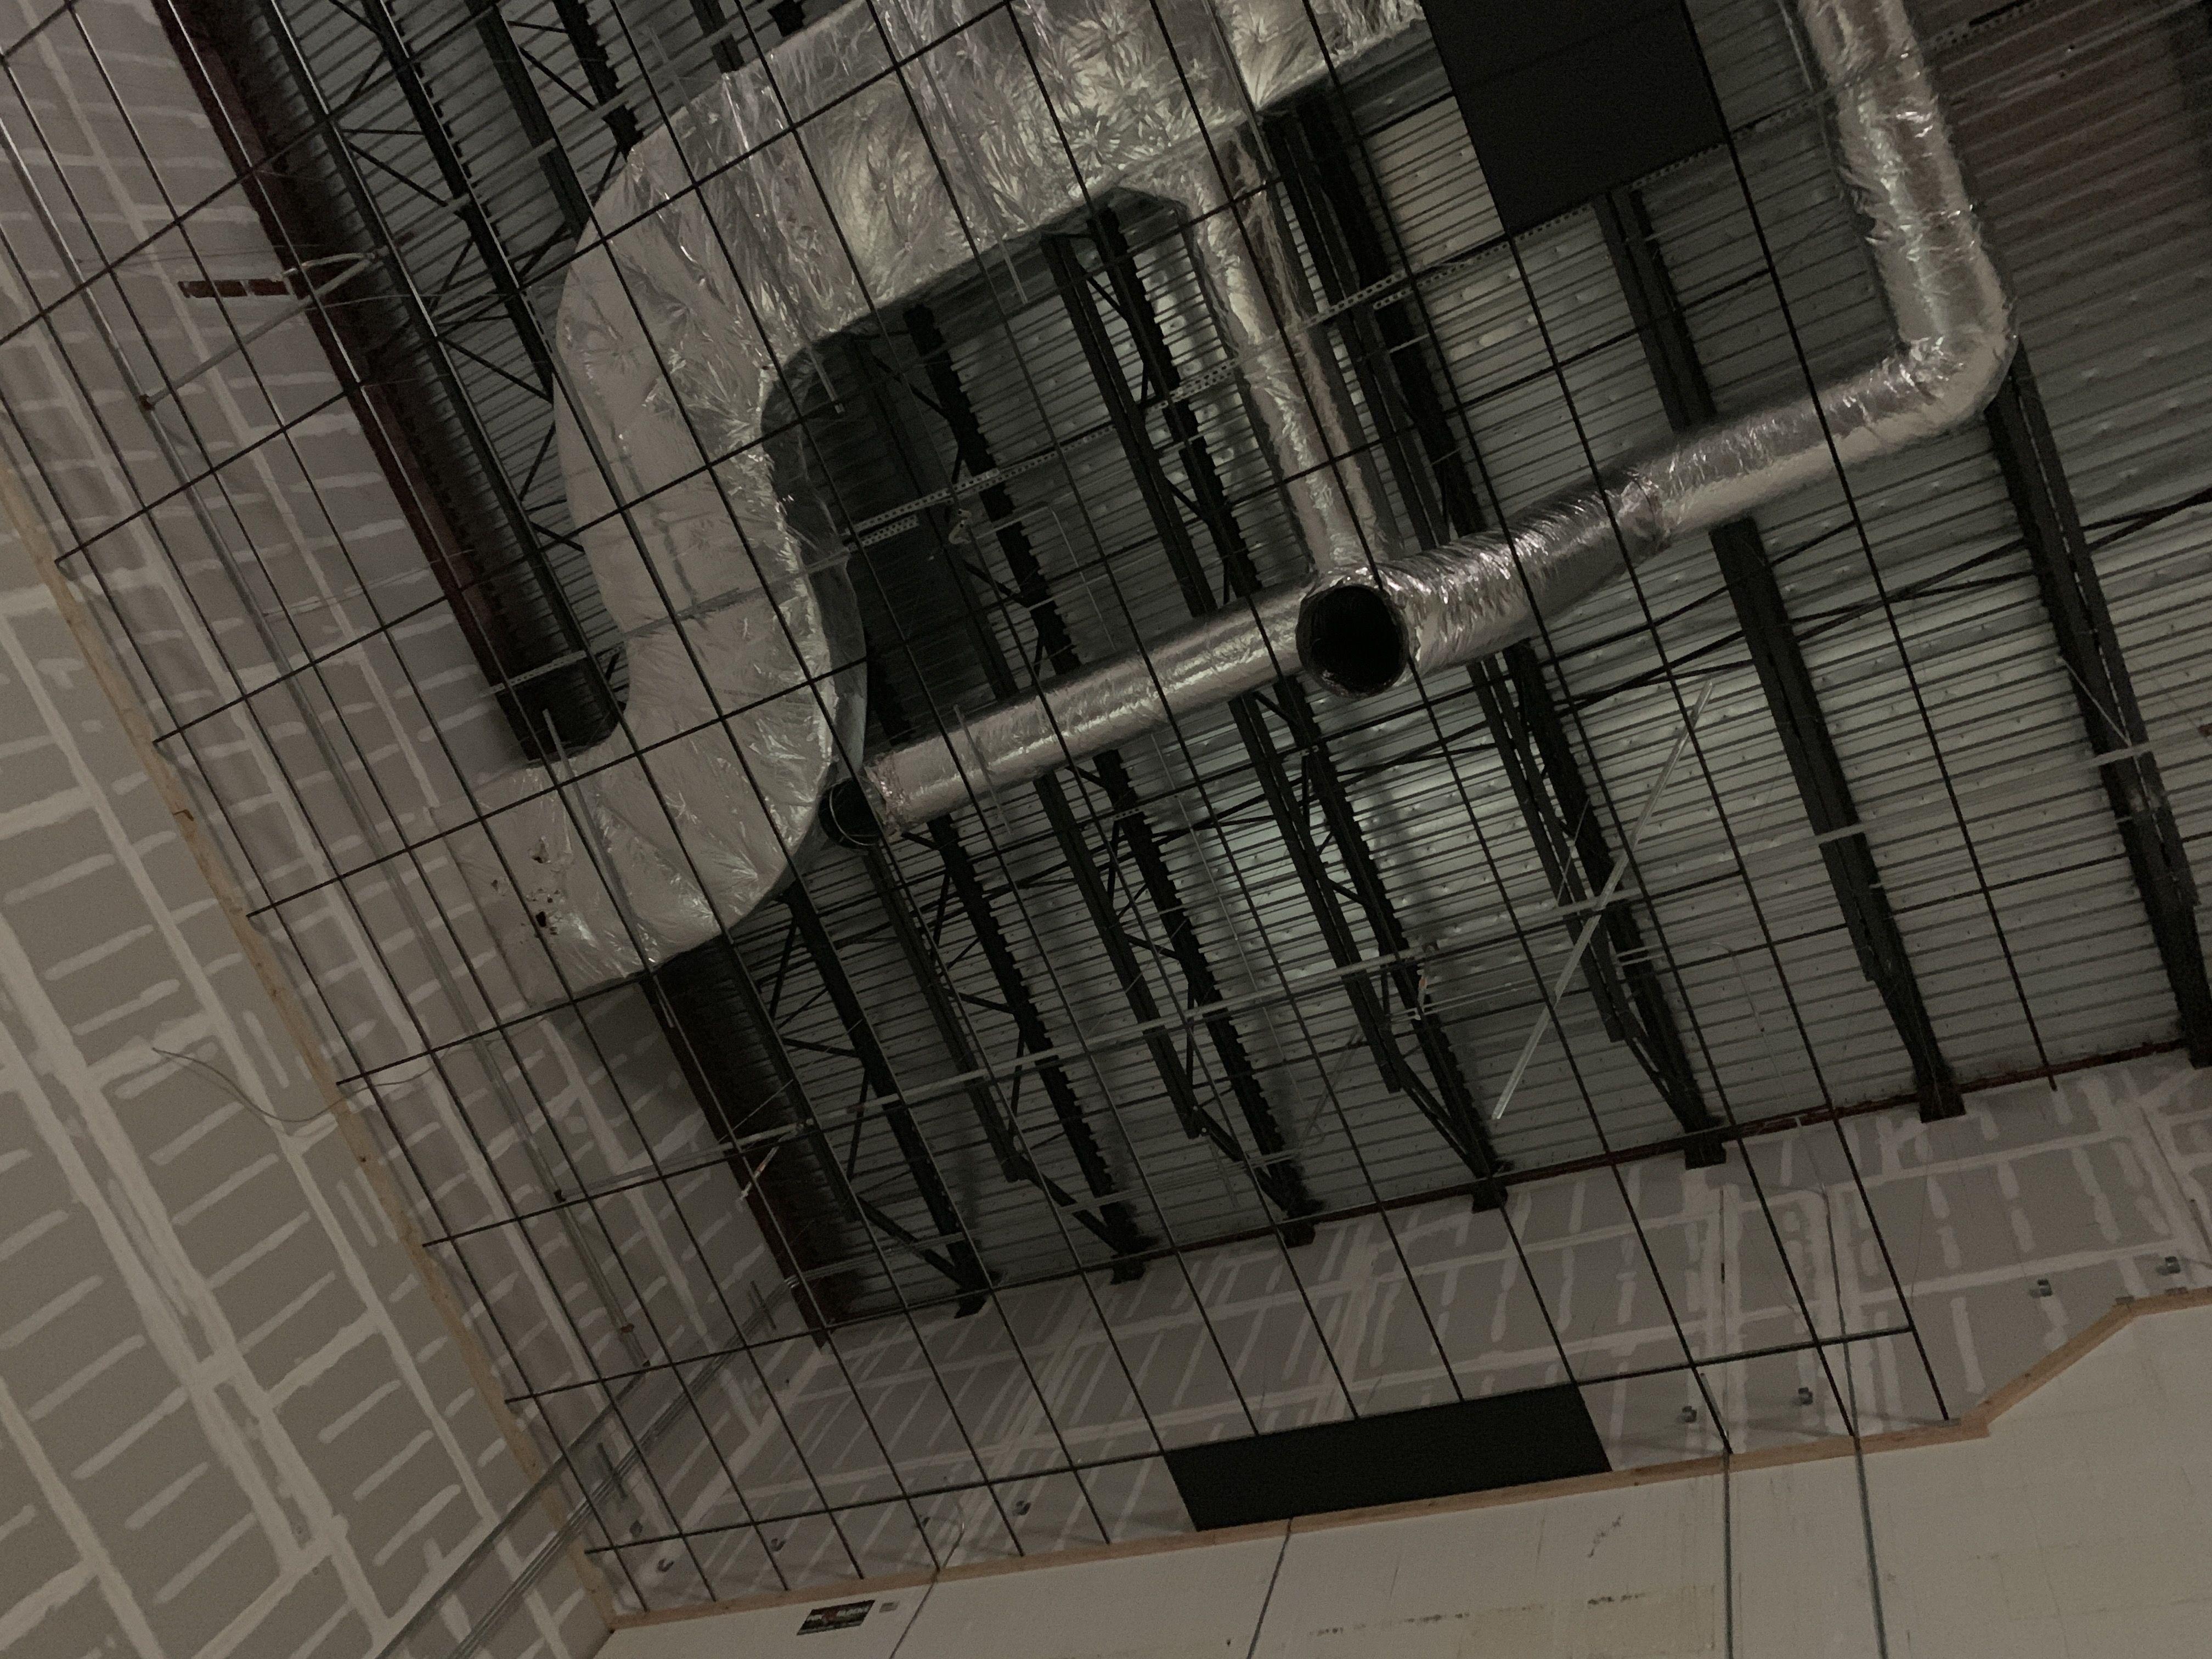 Instalaciones de ductos y máquinas de aire acondicionado